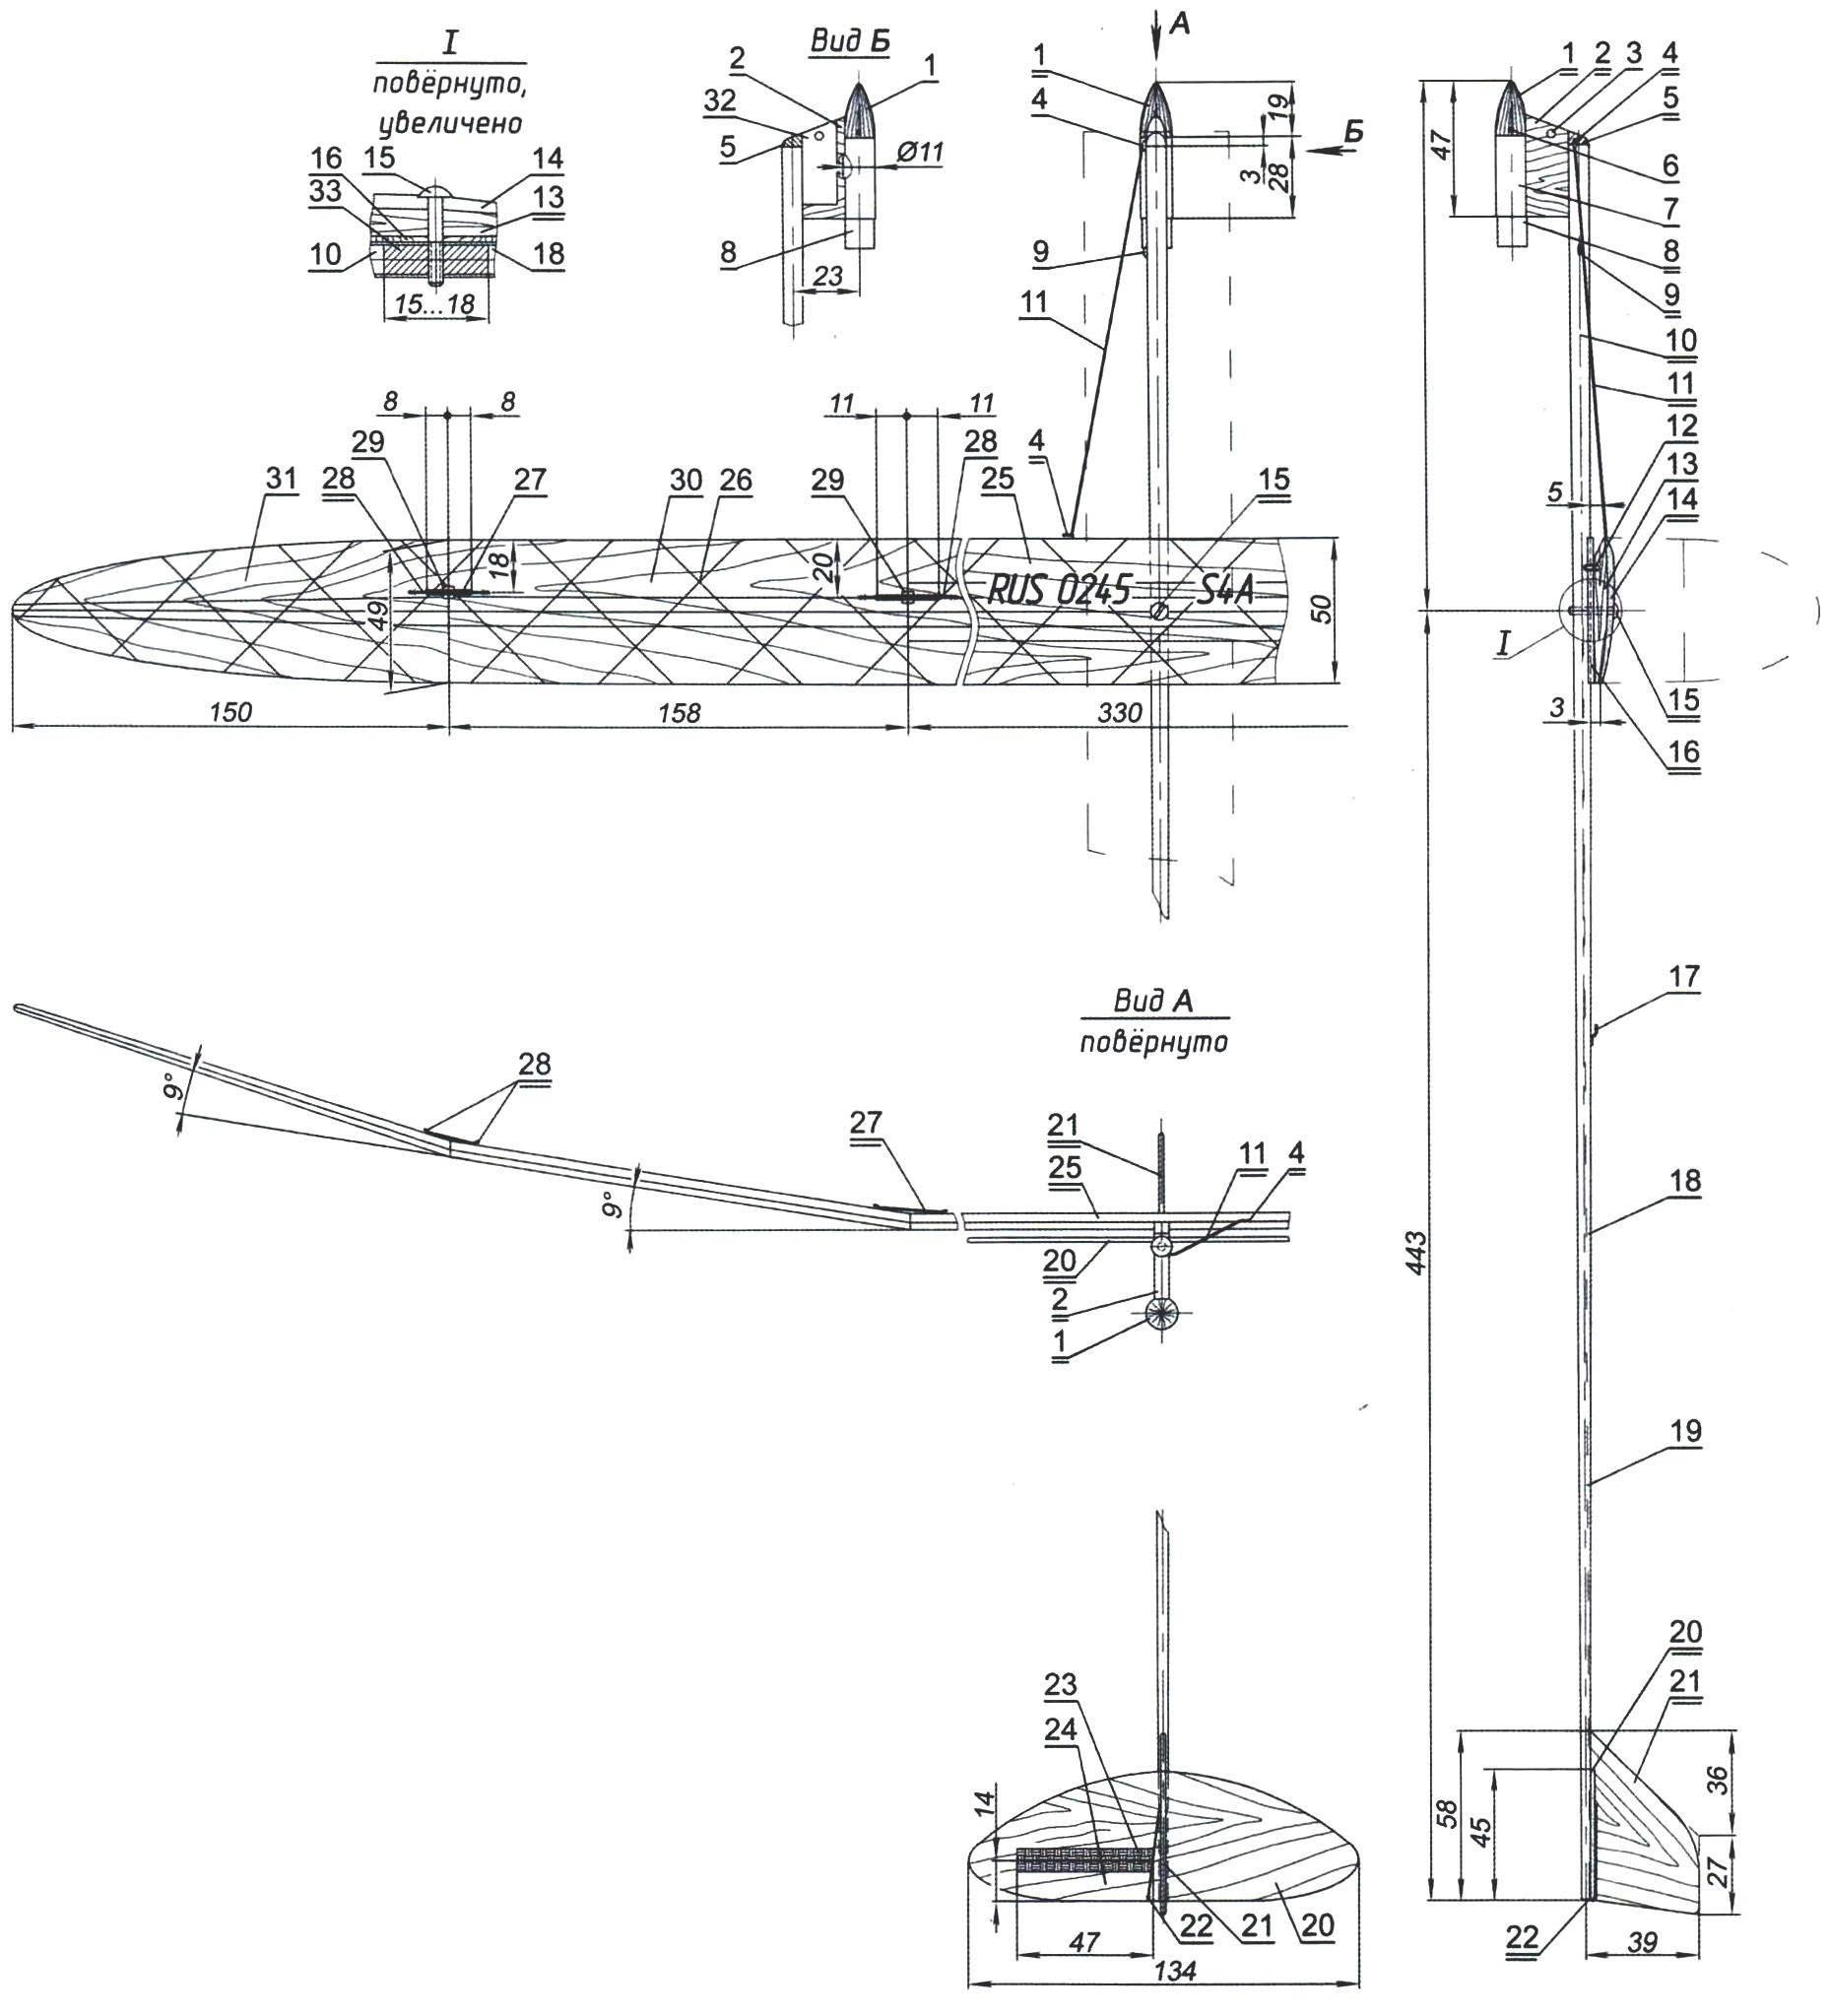 Модель ракетоплана класса S4А чемпиона России Н. Цыганкова (Мурманск)